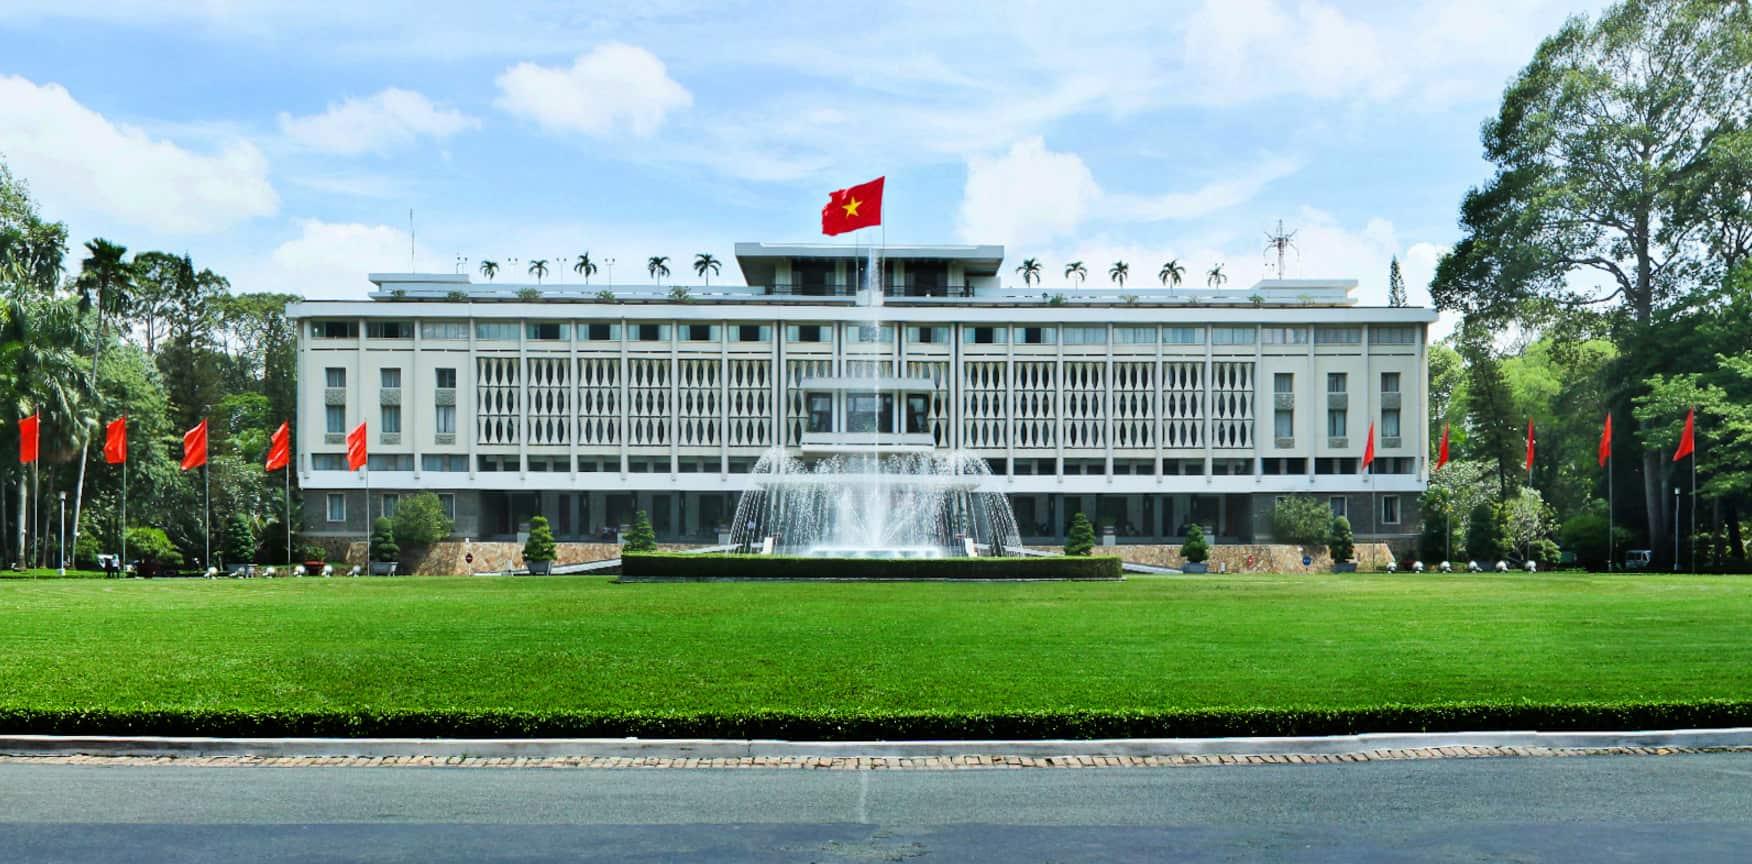 Dinh Độc Lập danh lam thắng cảnh ở thành phố Hồ Chí Minh